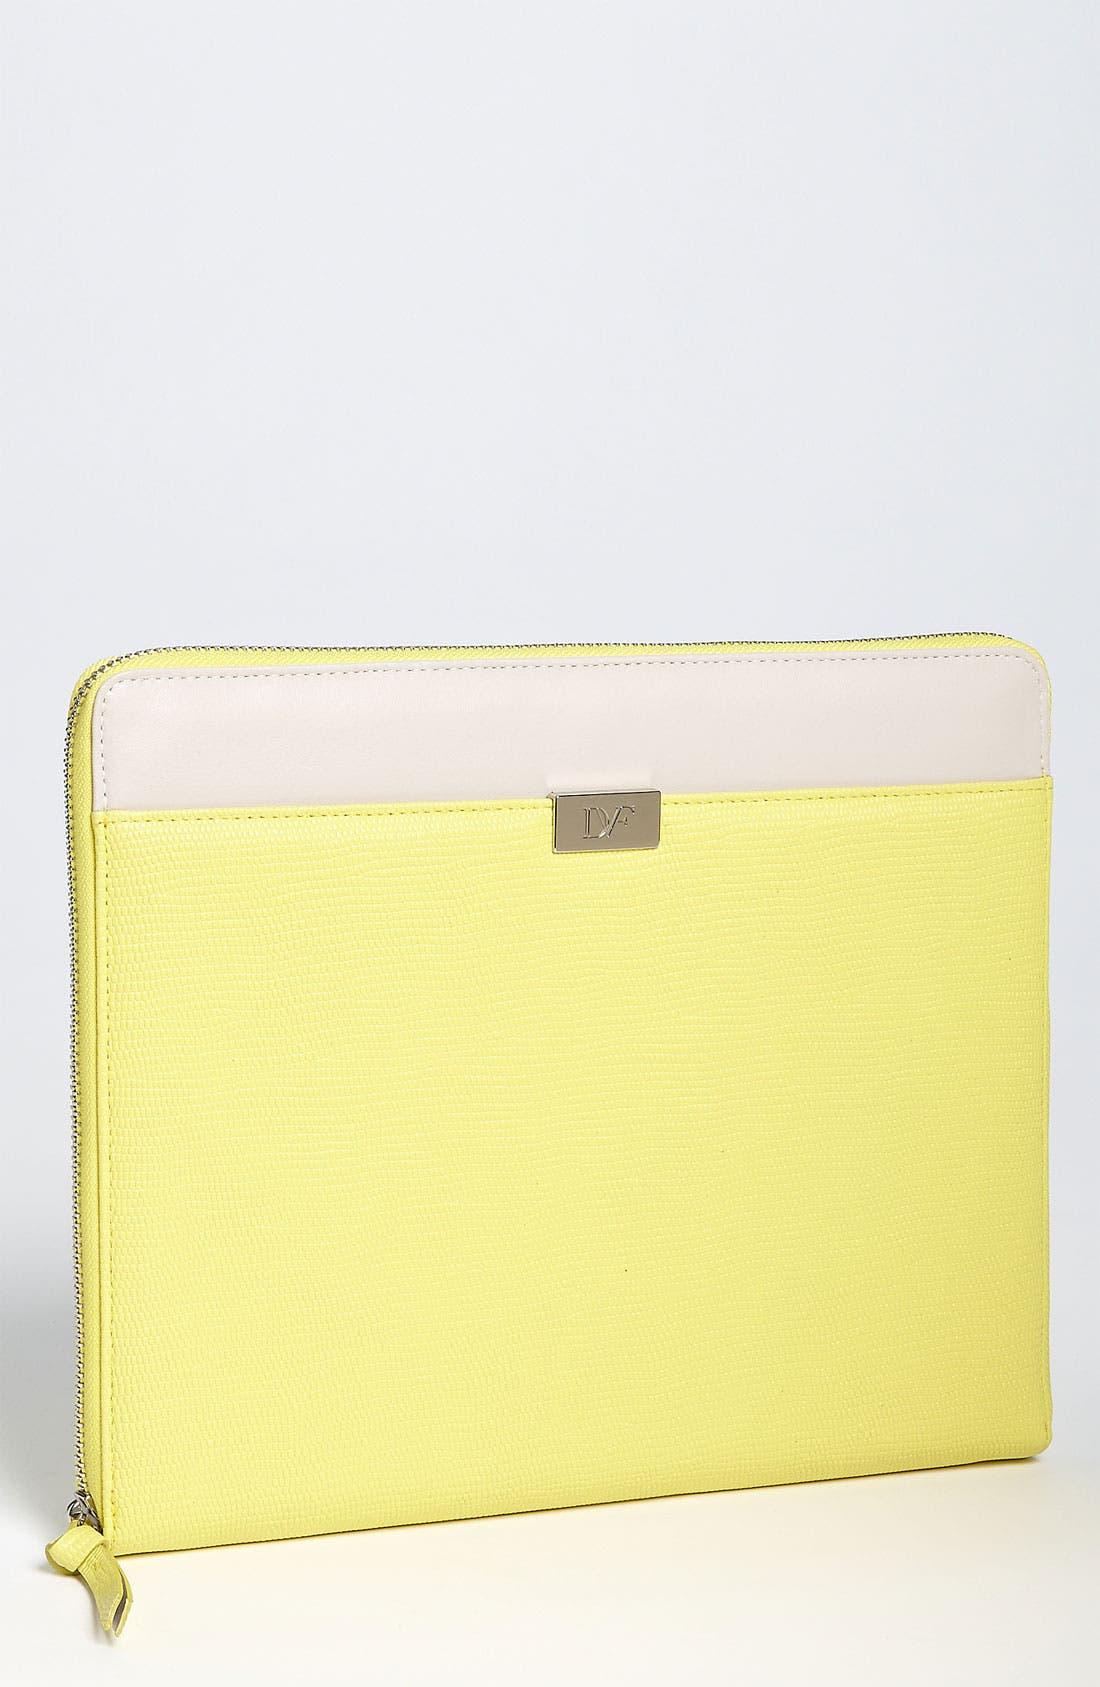 Alternate Image 1 Selected - Diane von Furstenberg Embossed iPad Case